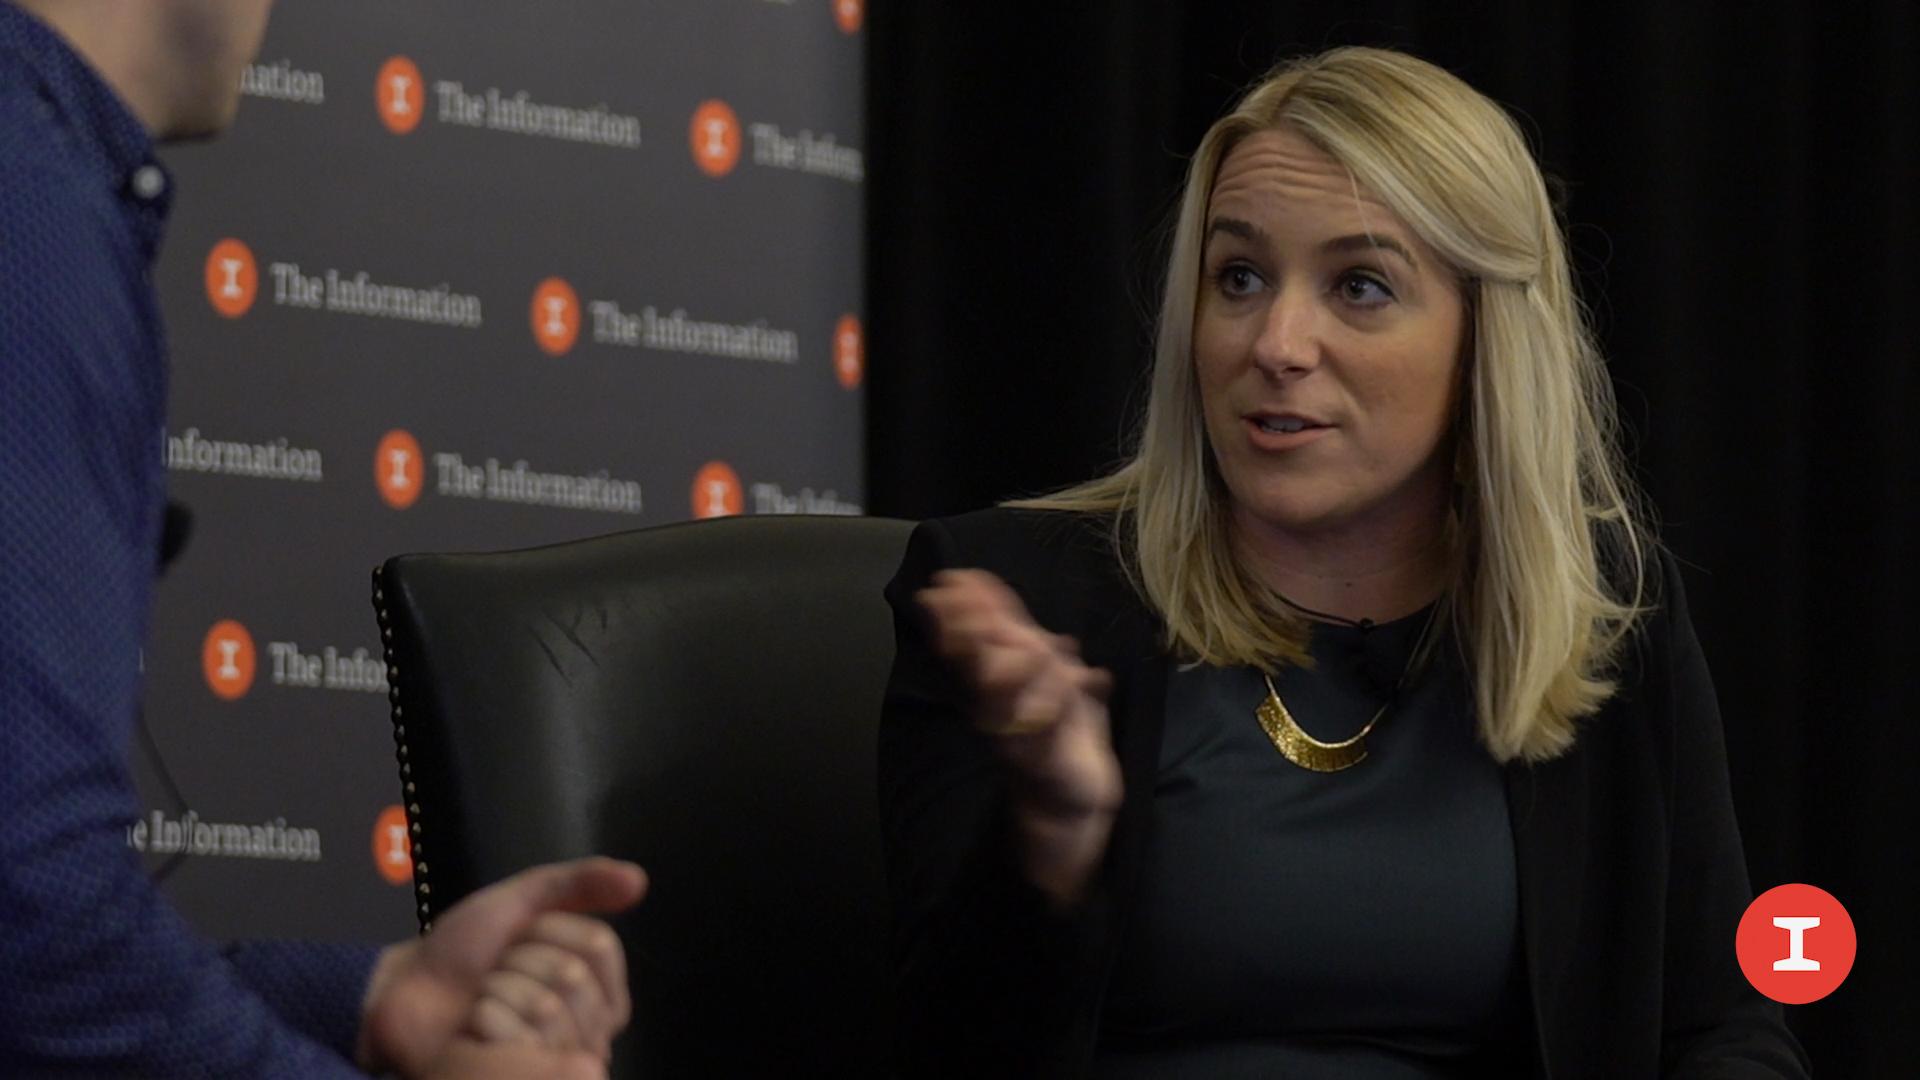 Slack's April Underwood Says Slack Can Work with Facebook